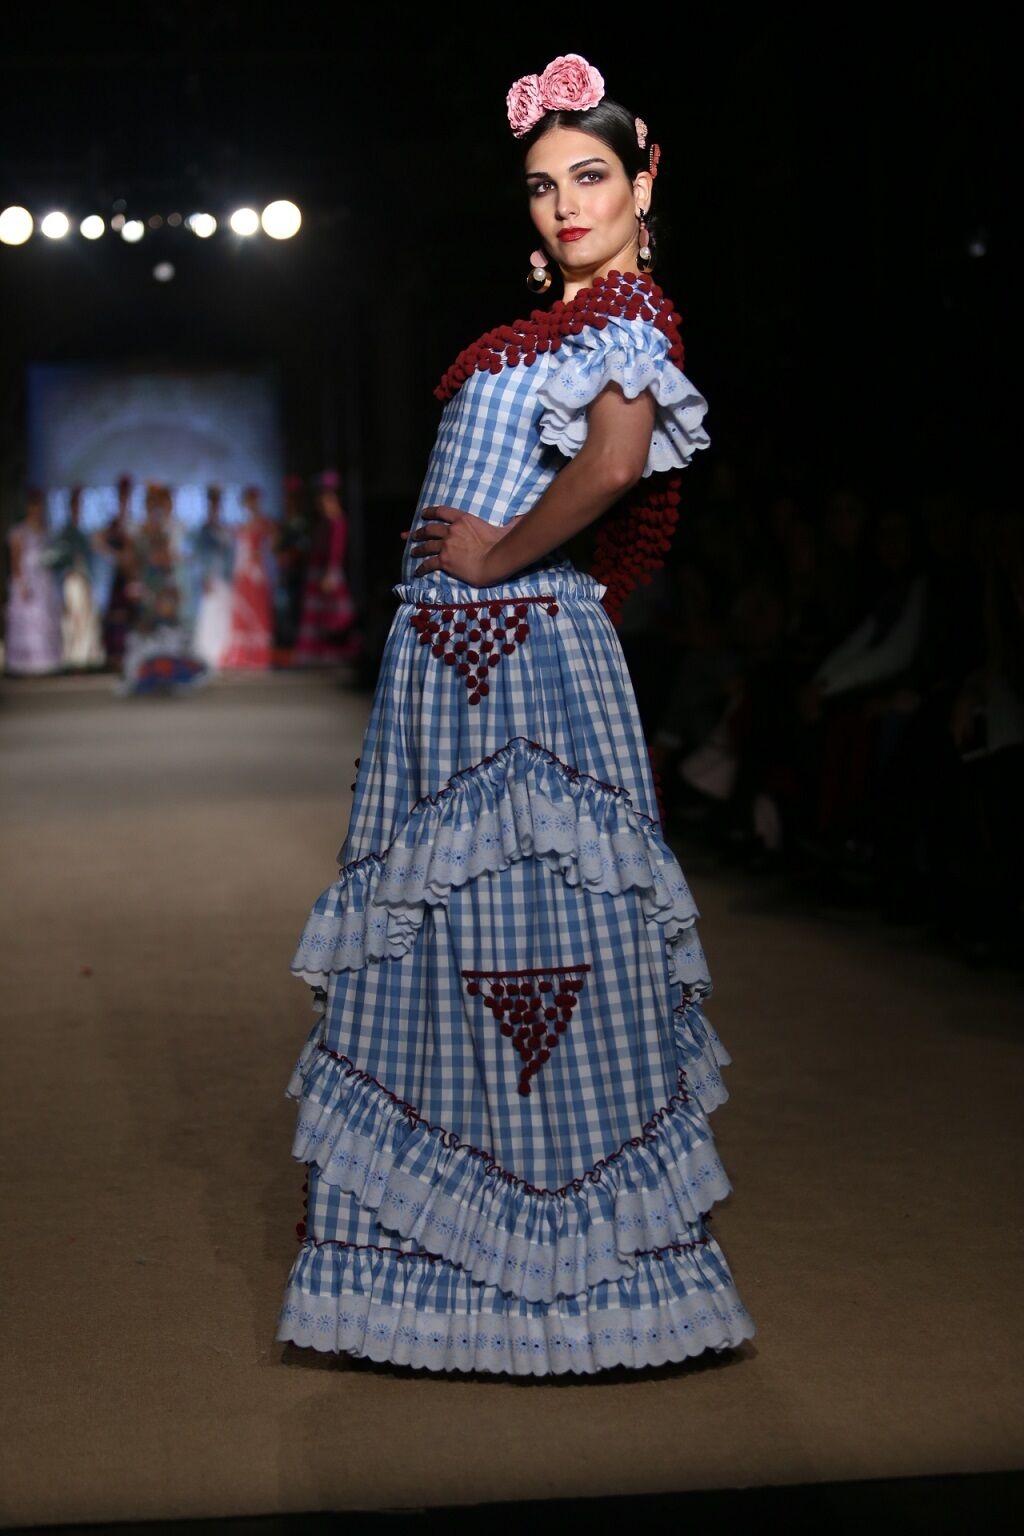 bca12ac48 Faldas Rocieras Cortas   Wig Elegance